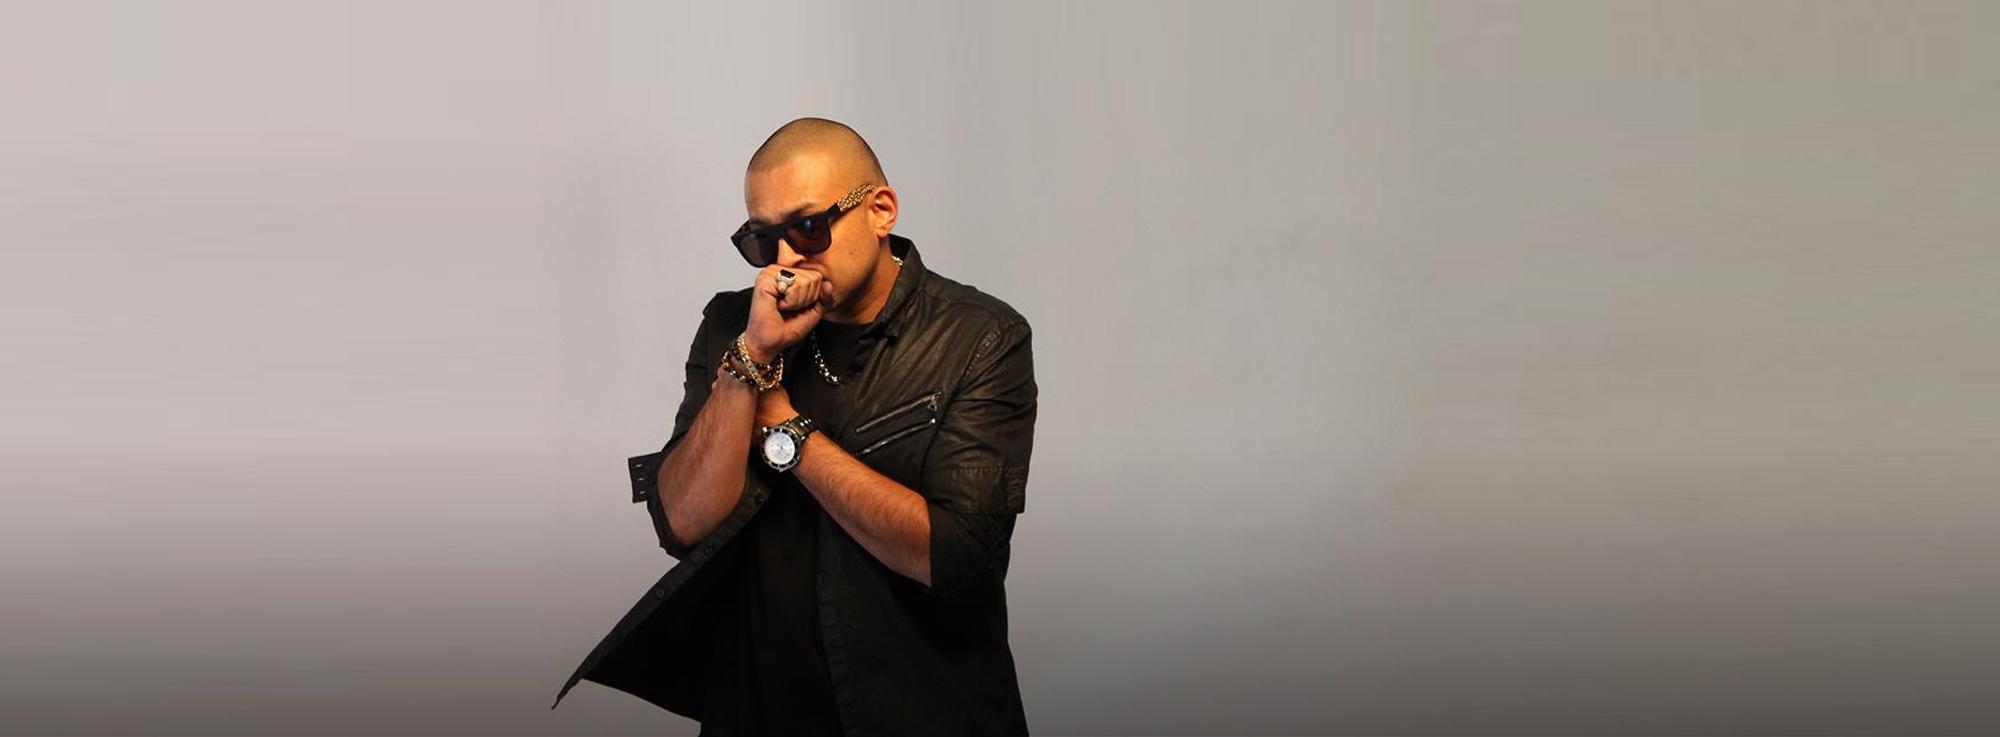 Stornara: Sean Paul - Stornara Rap Festival